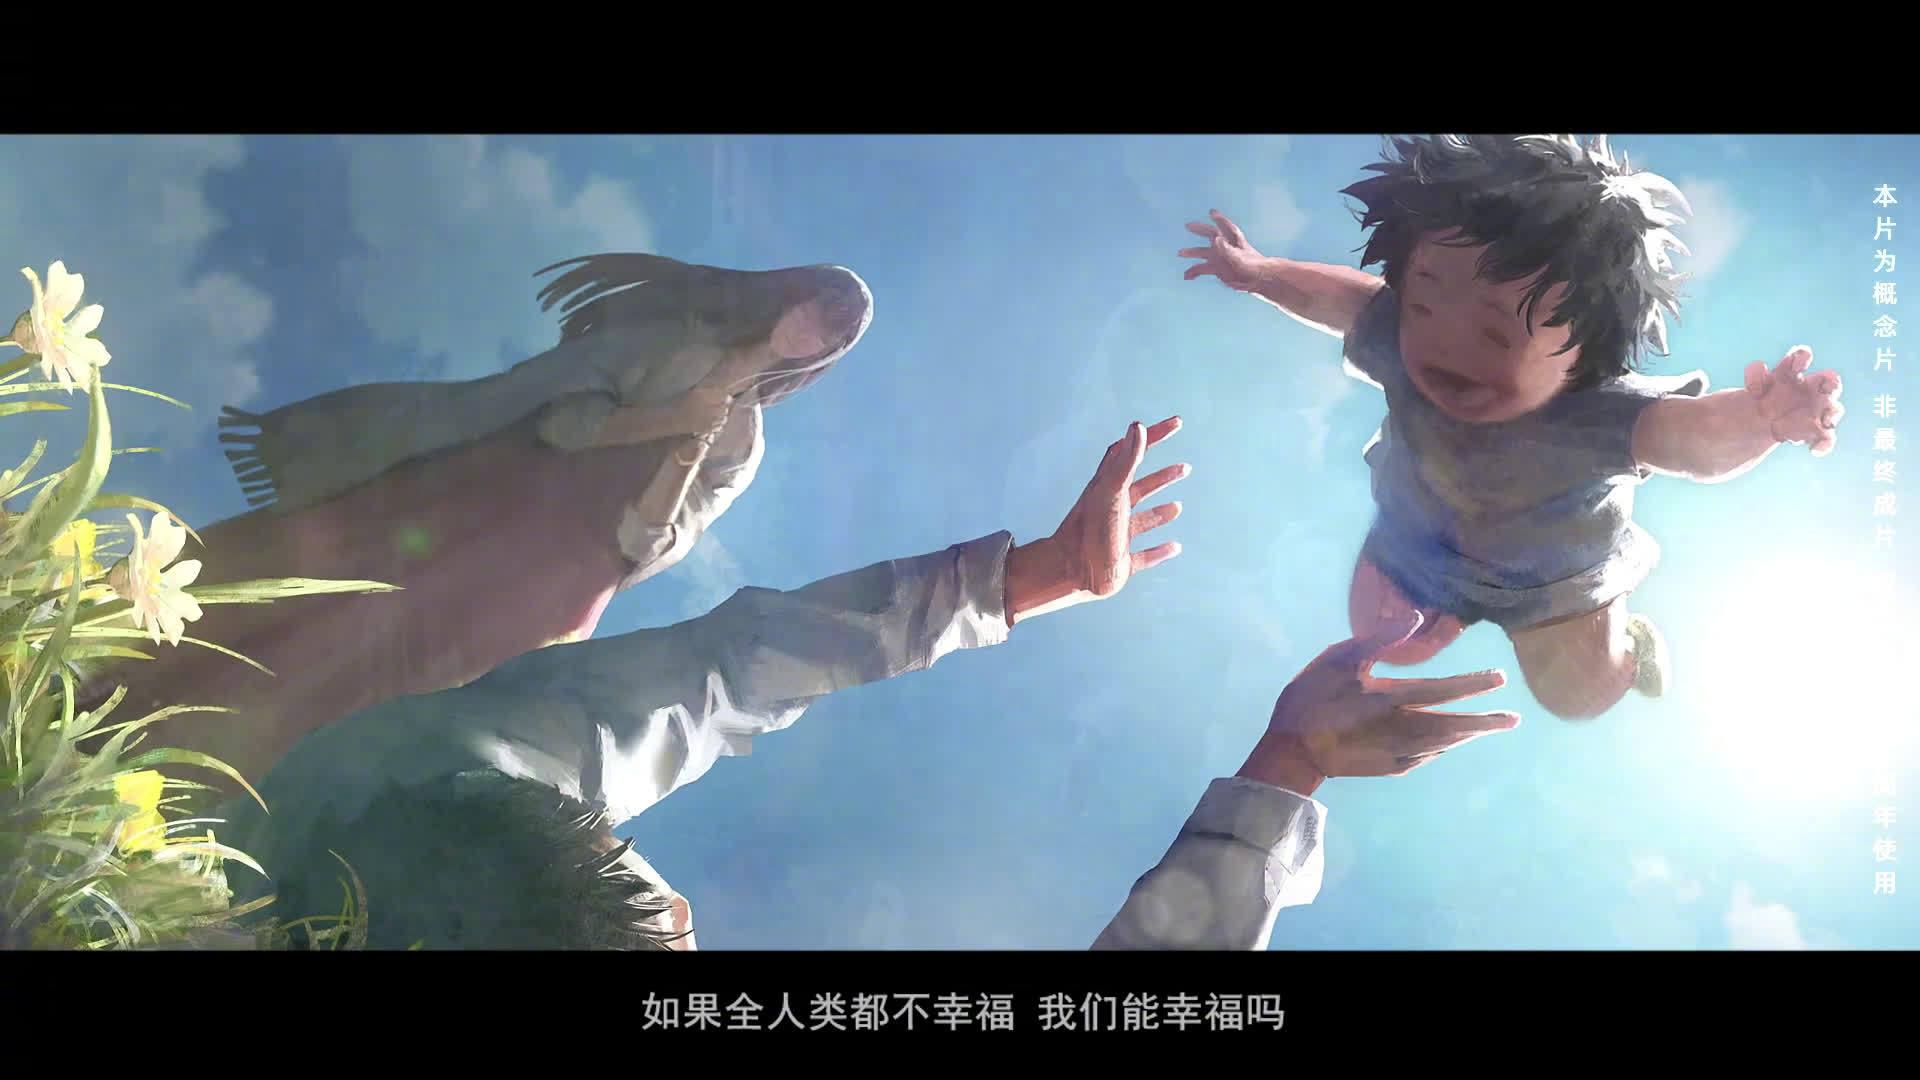 《三体》动画第一支正式PV将会在国创发布会亮相